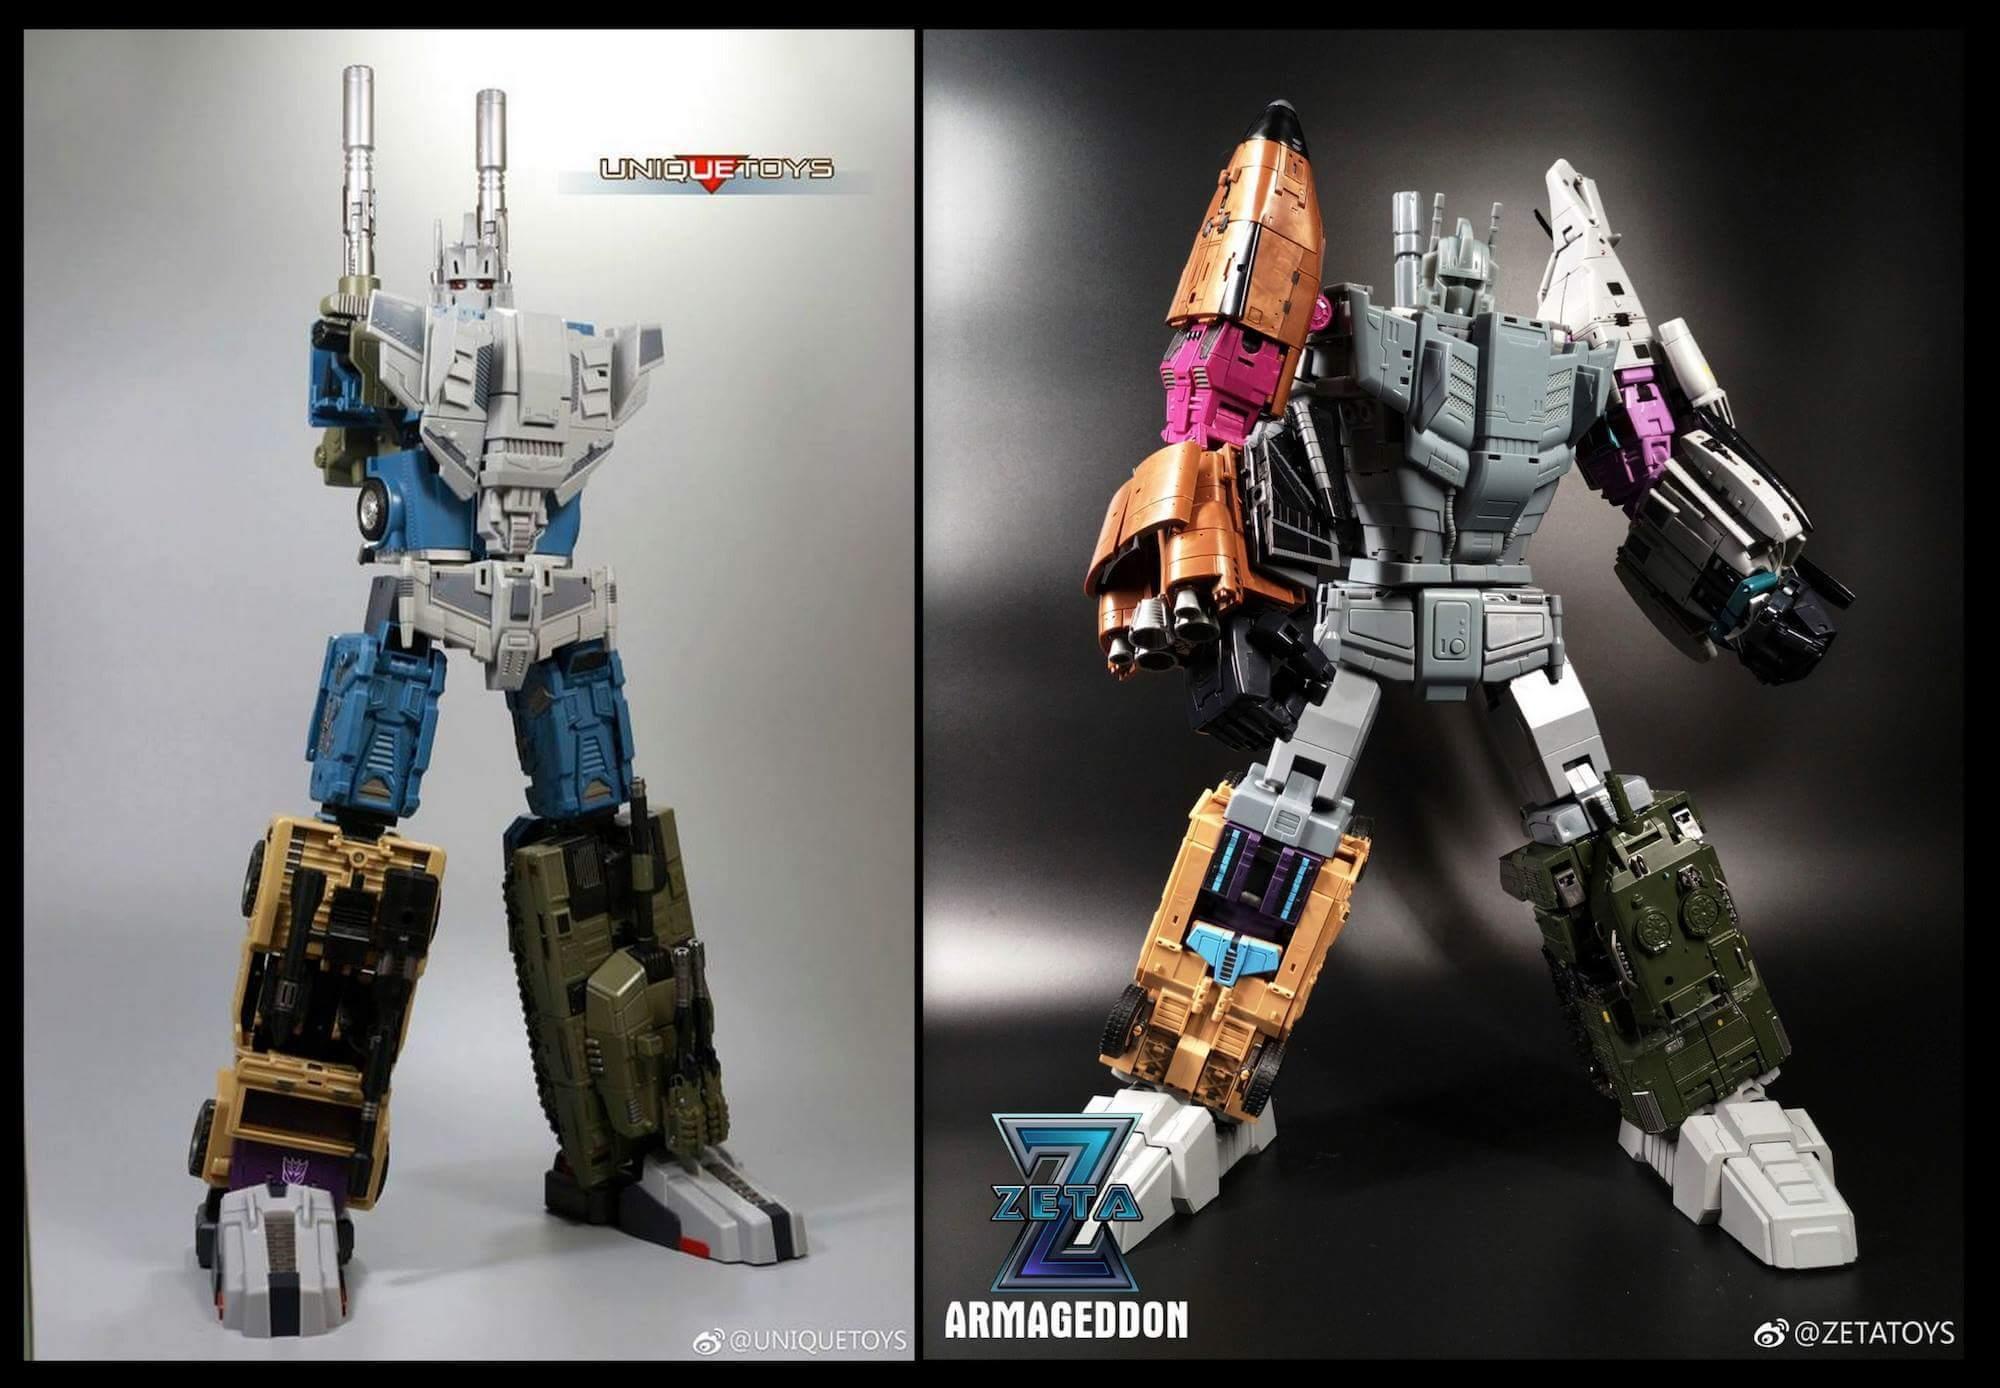 [Zeta Toys] Produit Tiers - Armageddon (ZA-01 à ZA-05) - ZA-06 Bruticon - ZA-07 Bruticon ― aka Bruticus (Studio OX, couleurs G1, métallique) - Page 4 NOLsVJDI_o